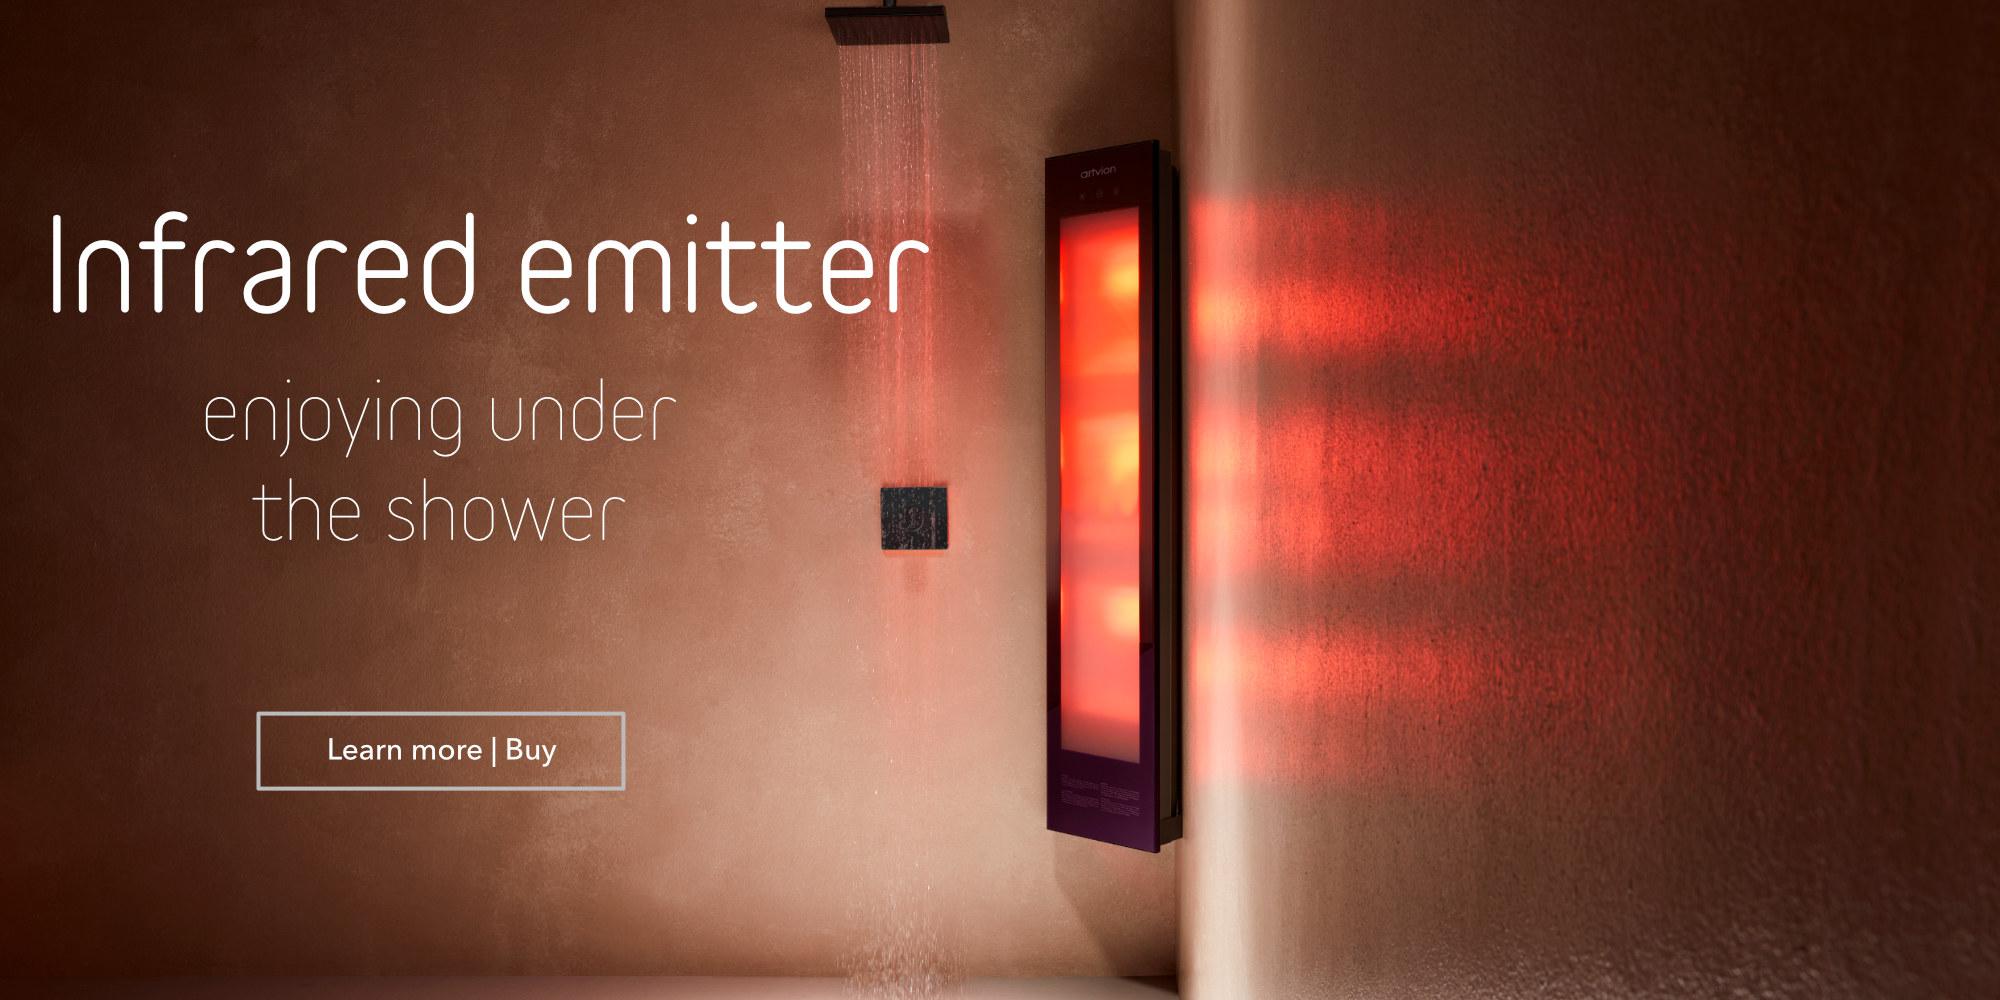 Infrared emitter for shower